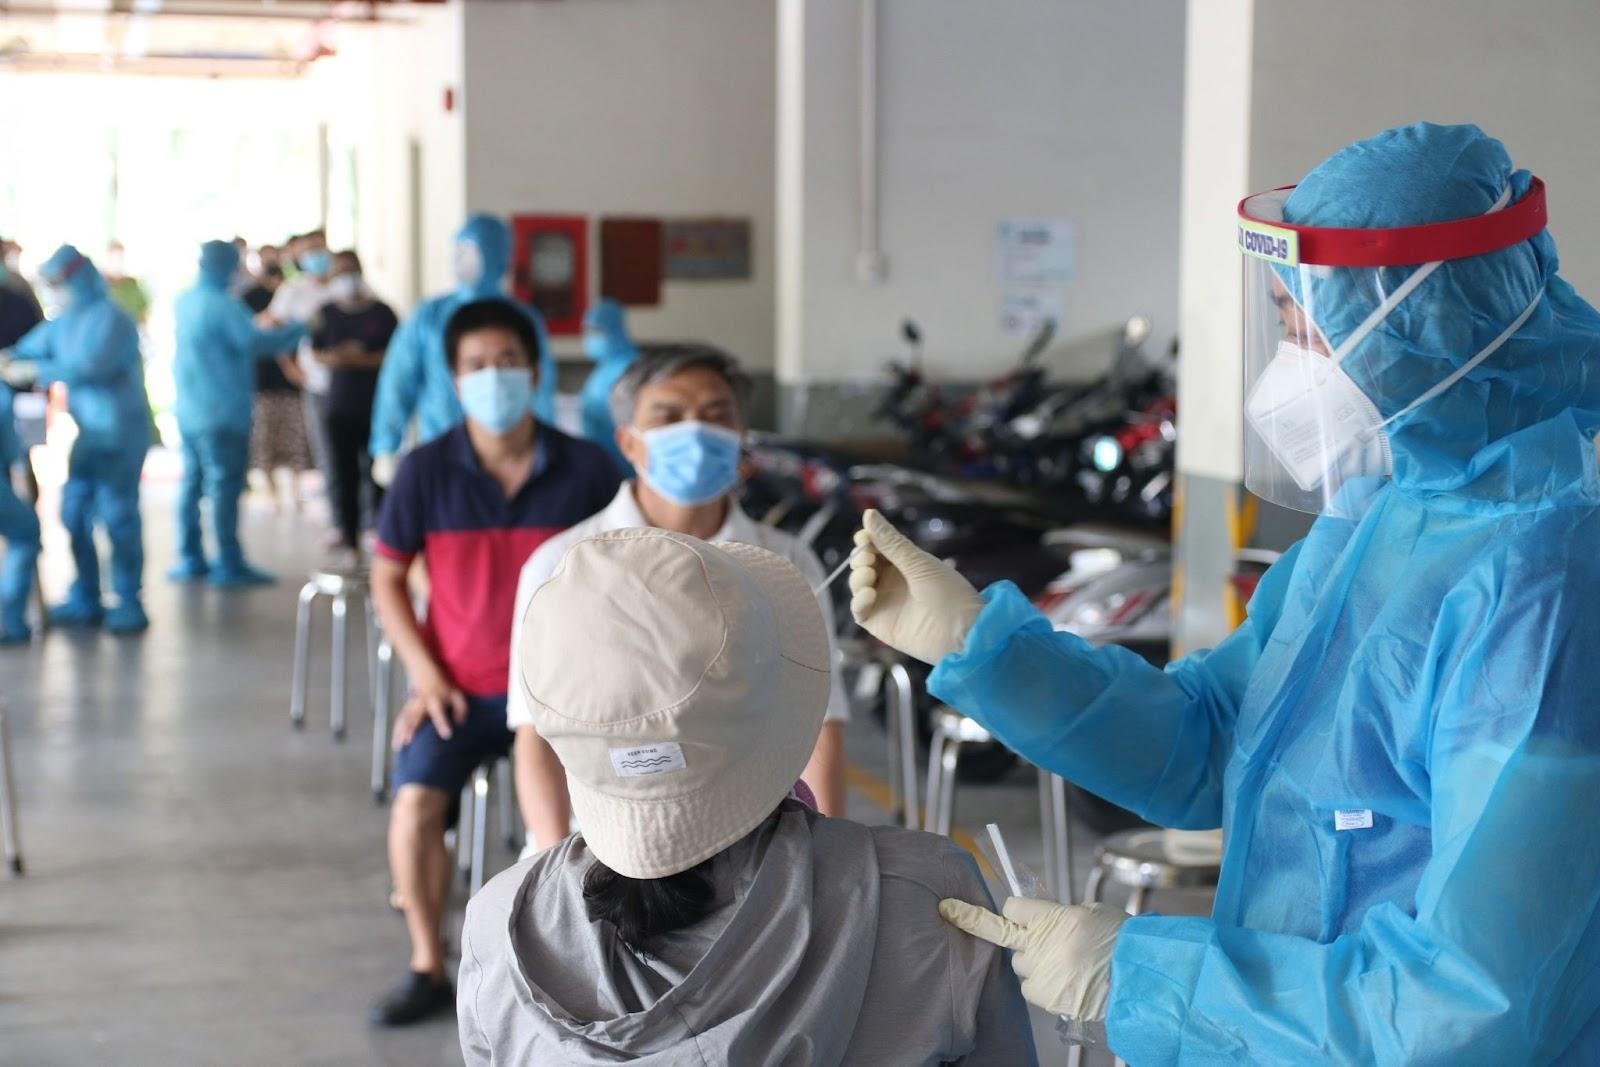 Người đàn ông đá văng bàn làm việc của nhân viên y tế ở TP.HCM gây bức xúc - ảnh 1